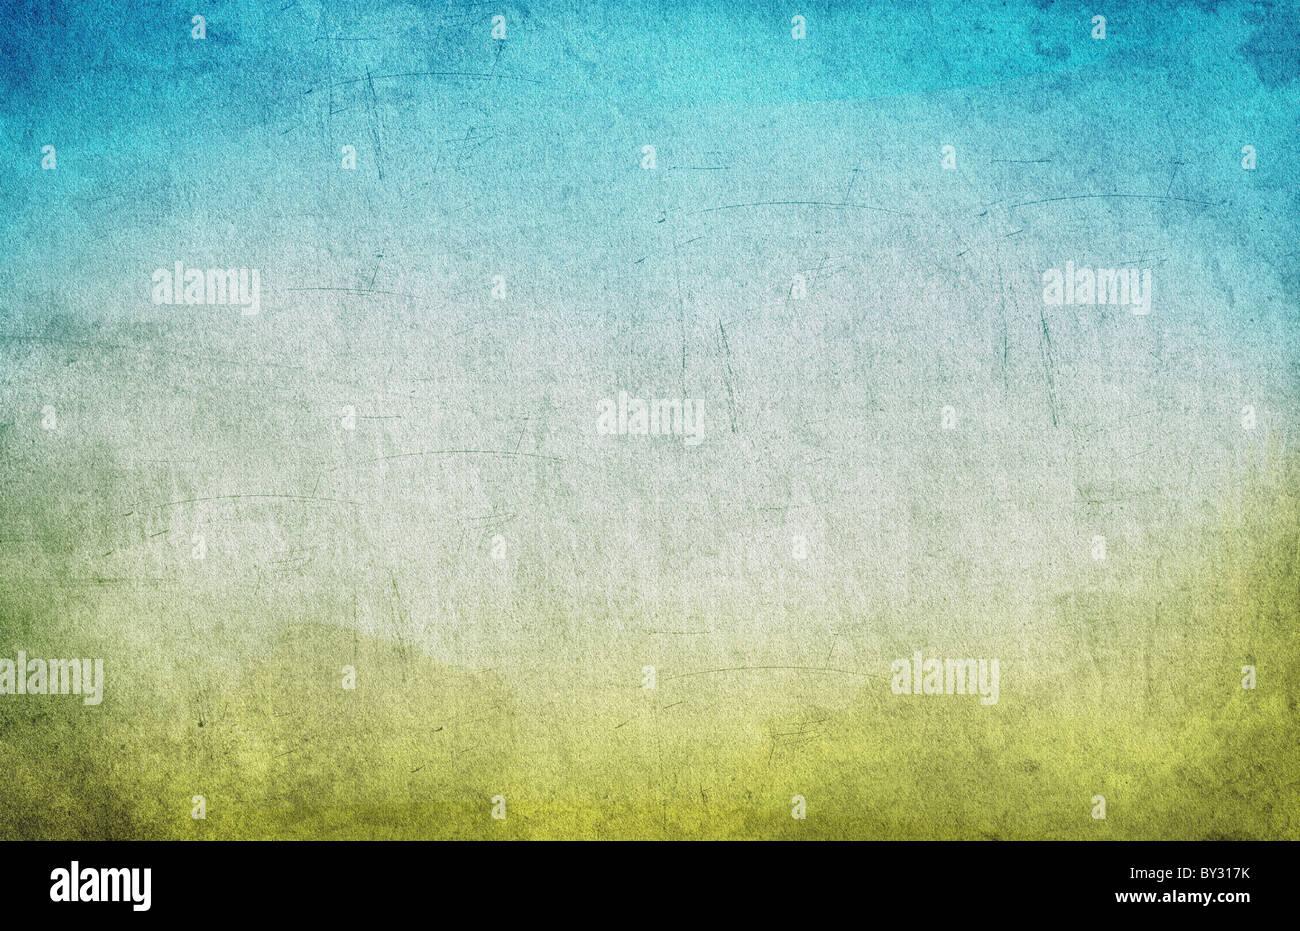 Grunge background texture avec espace pour texte ou l'image Photo Stock